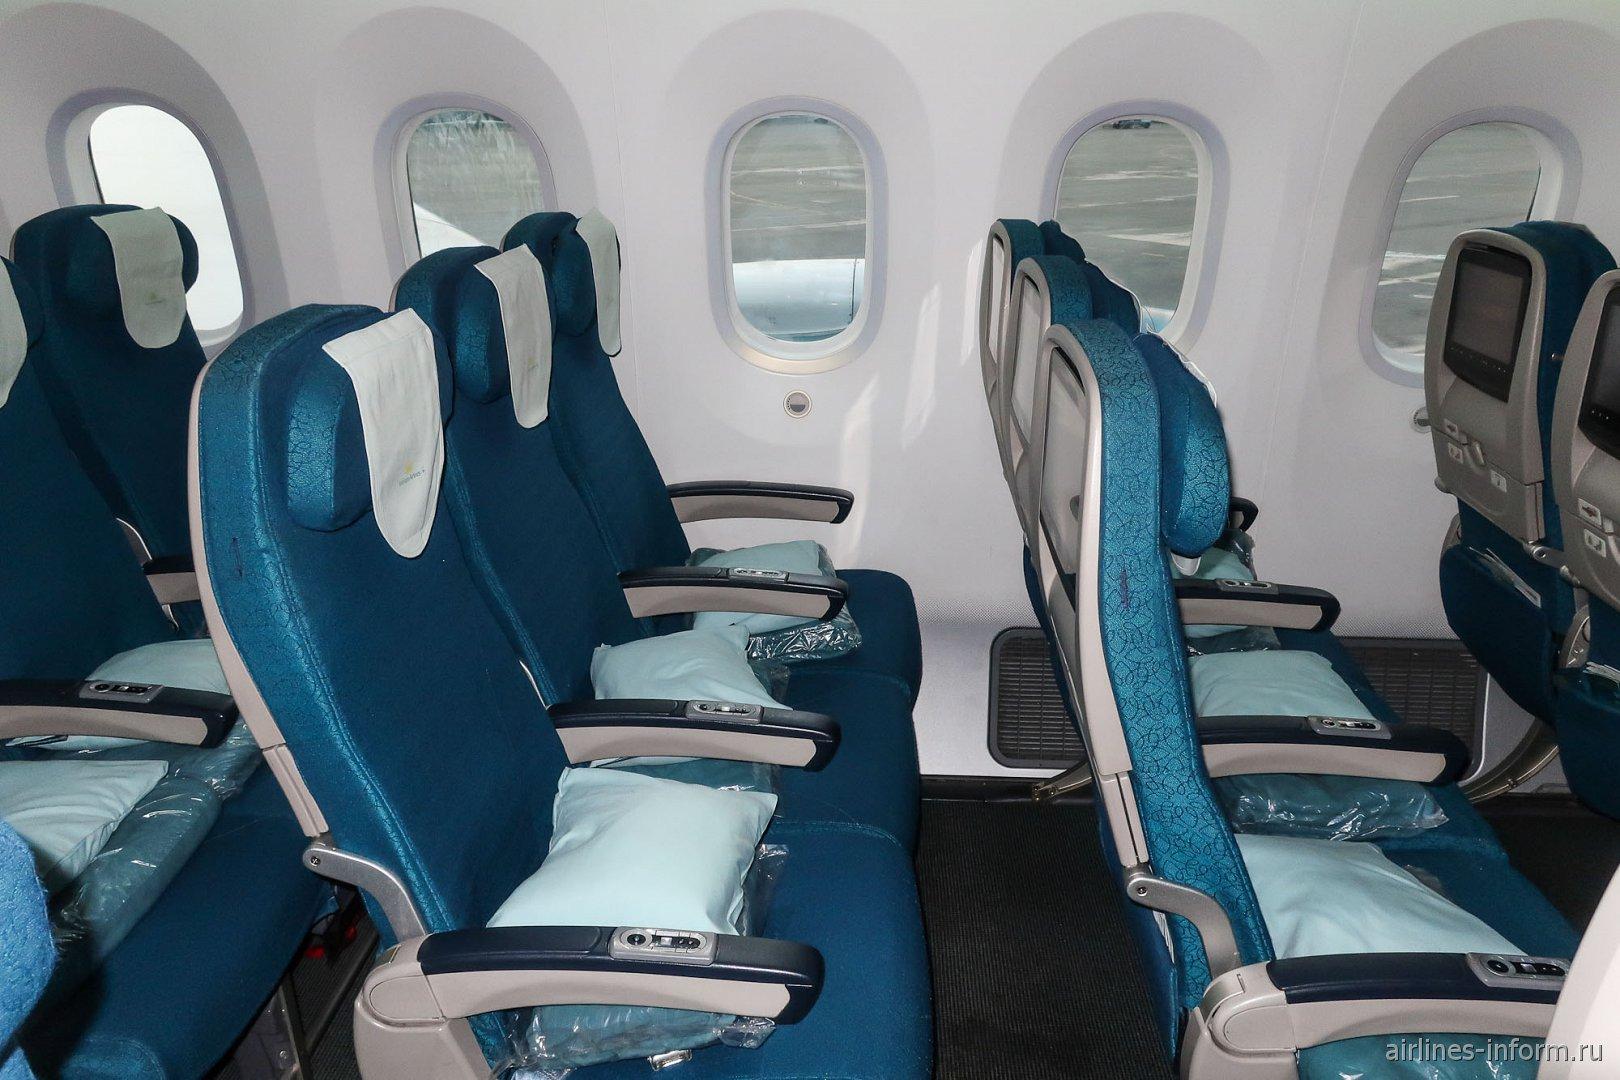 Места пассажиров эконом-класса в Боинге-787-9 Вьетнамских авиалиний